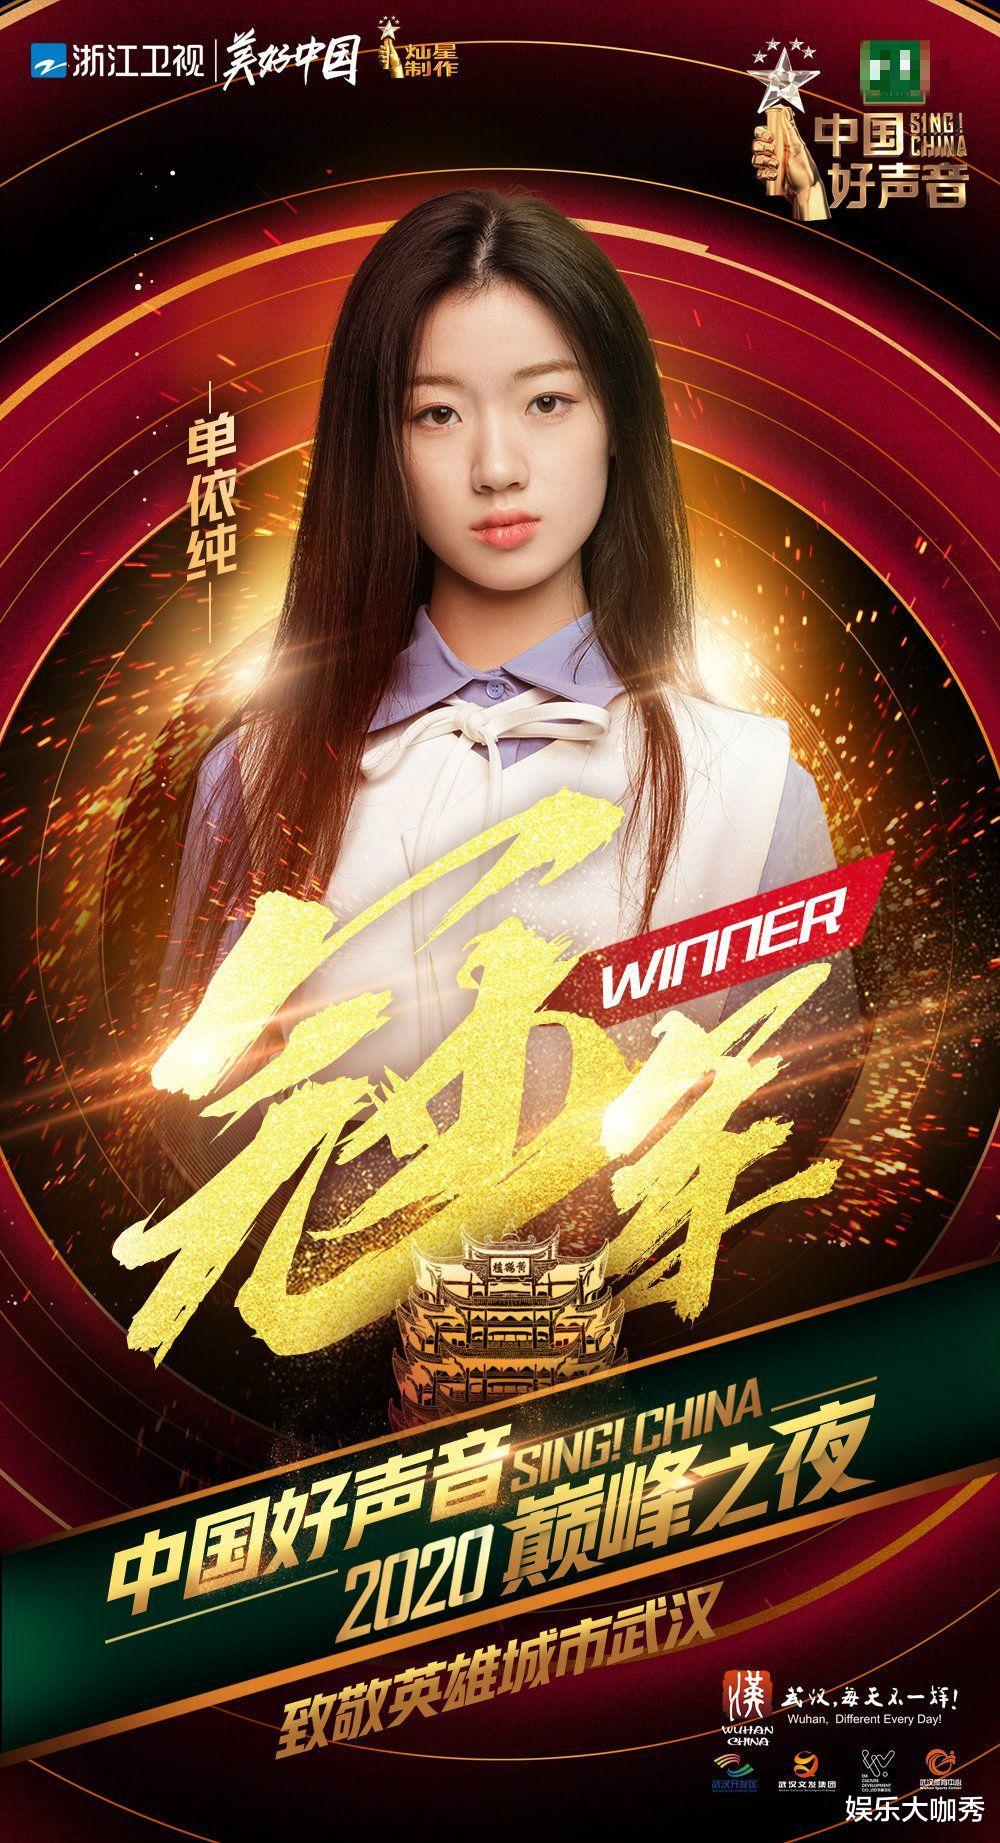 我们采访了《中国好声音》冠军单依纯,终于知道她夺冠的幕后真相